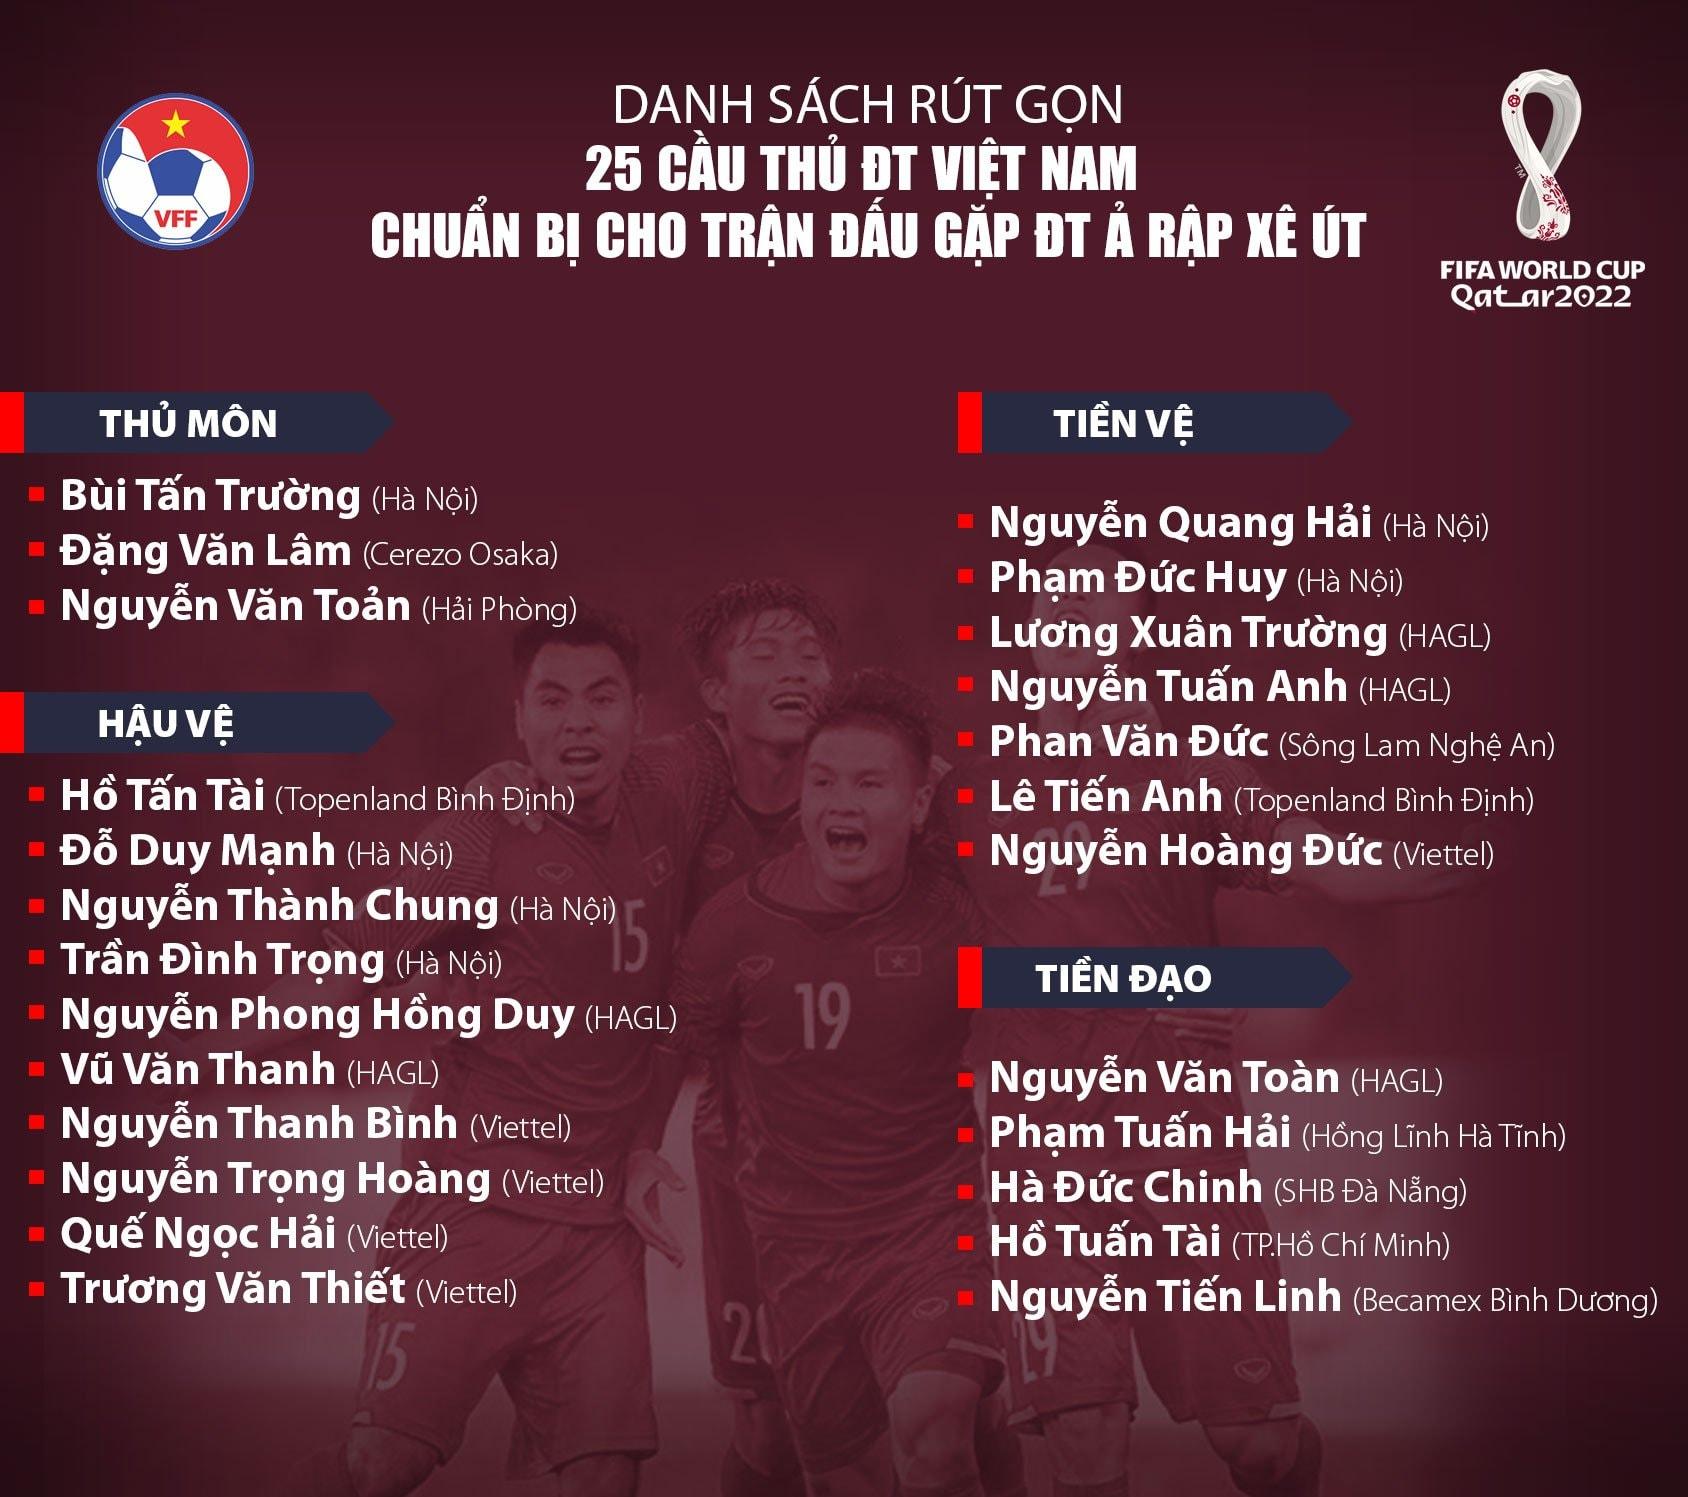 ĐT Việt Nam chốt danh sách 25 cầu thủ trong trận đấu gặp Ả Rập Xê Út 1